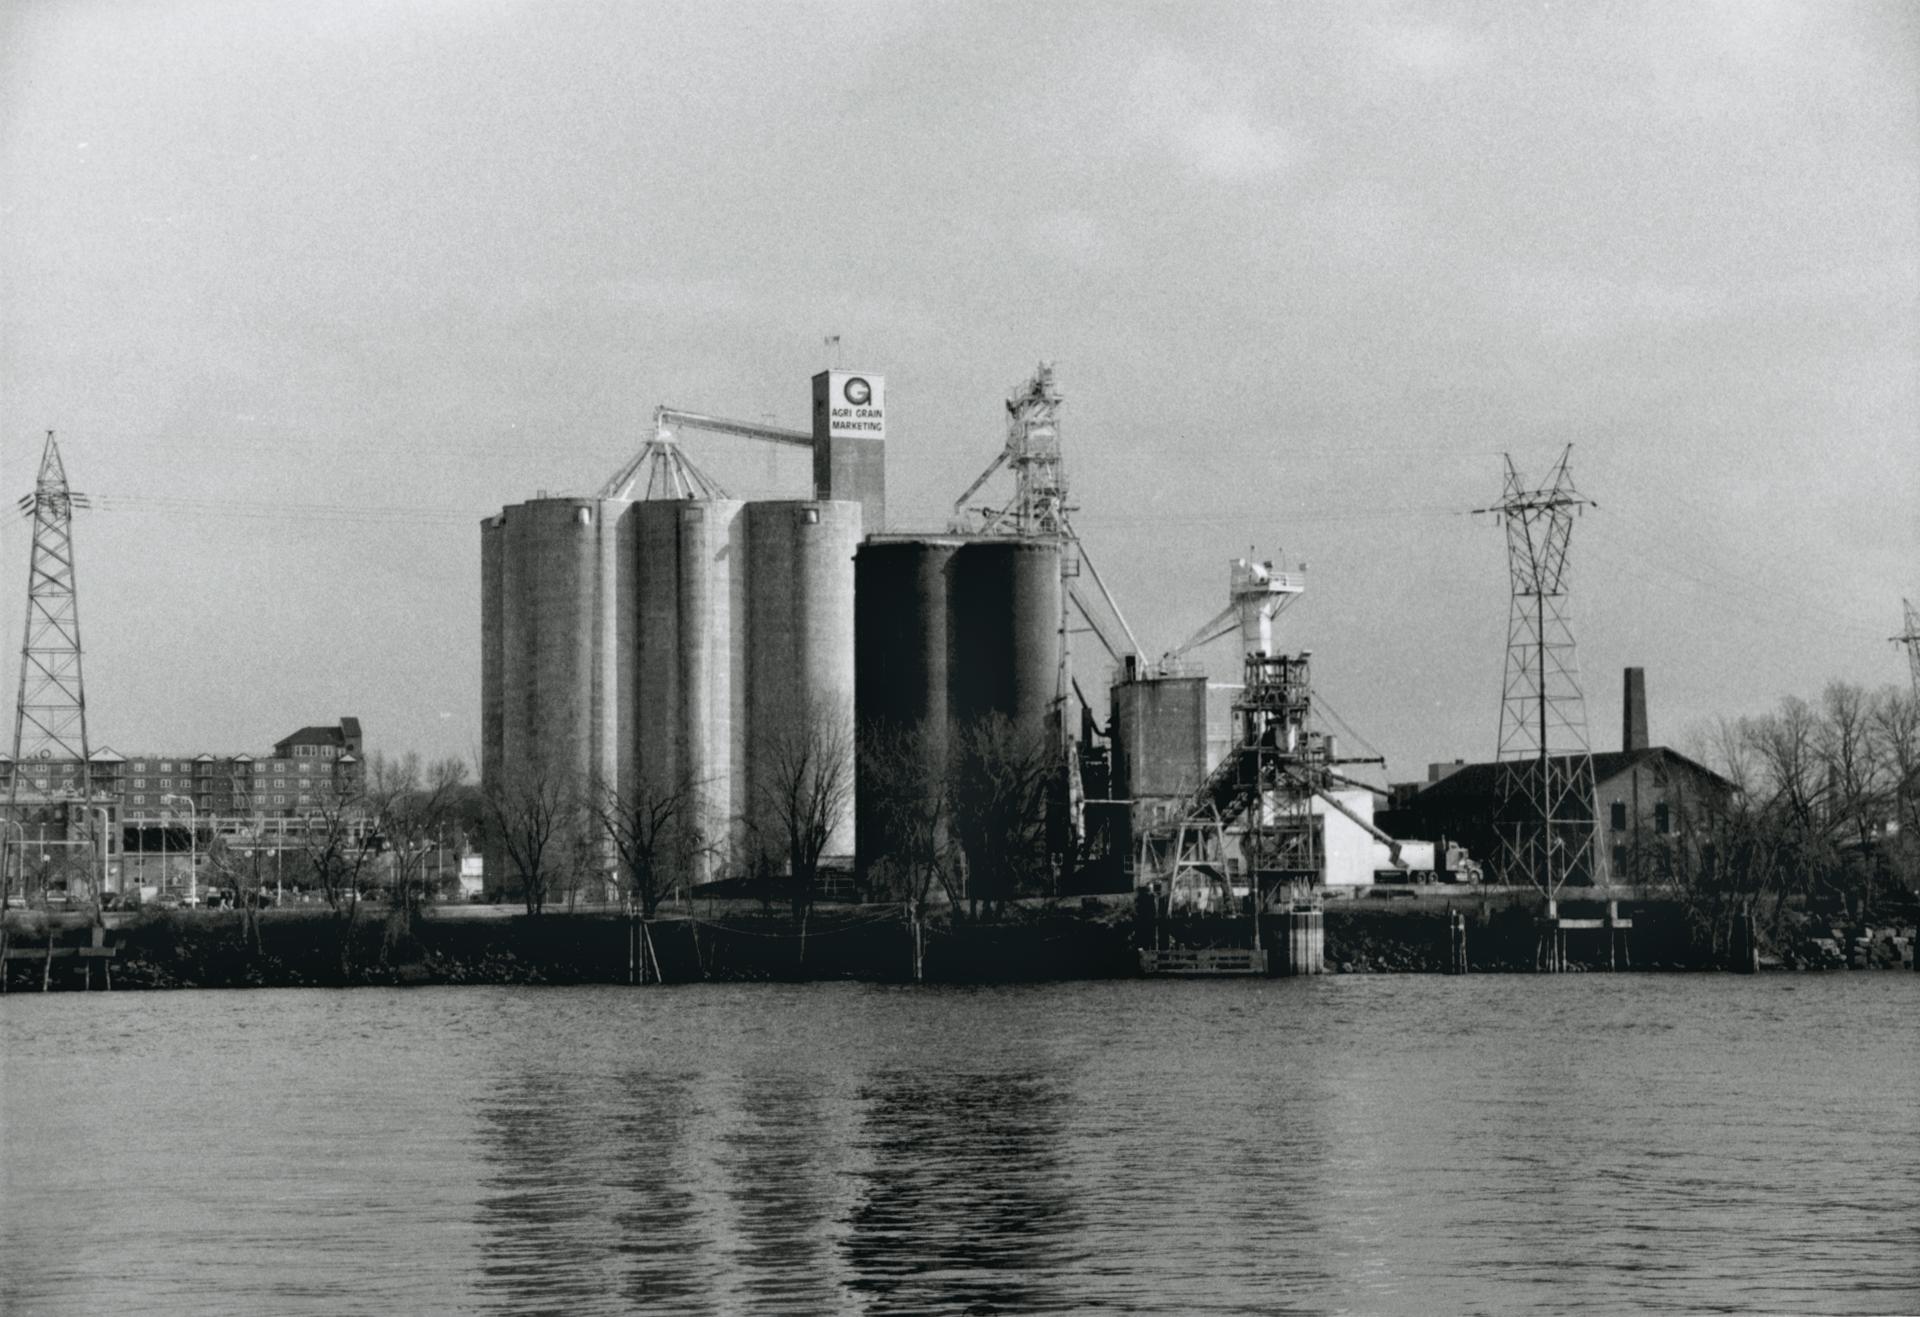 La Crosse Waterfronts